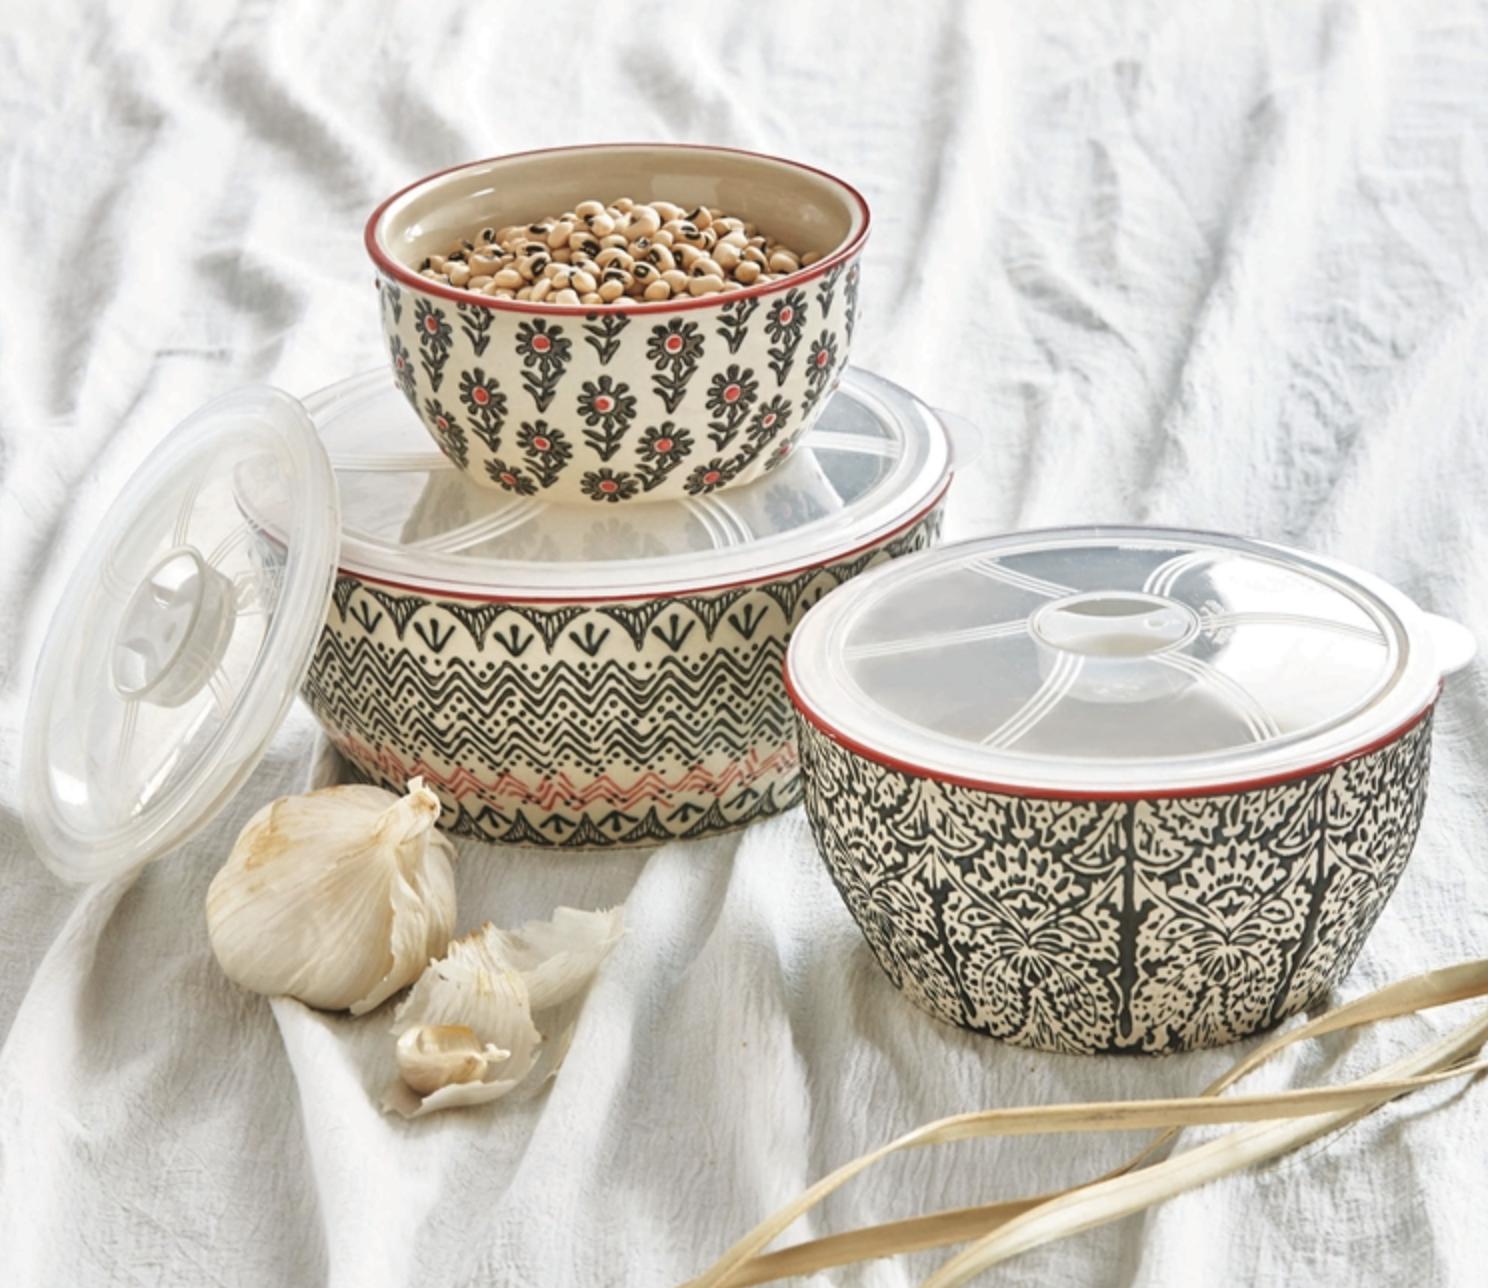 Khilana Lidded Ceramic Bowl